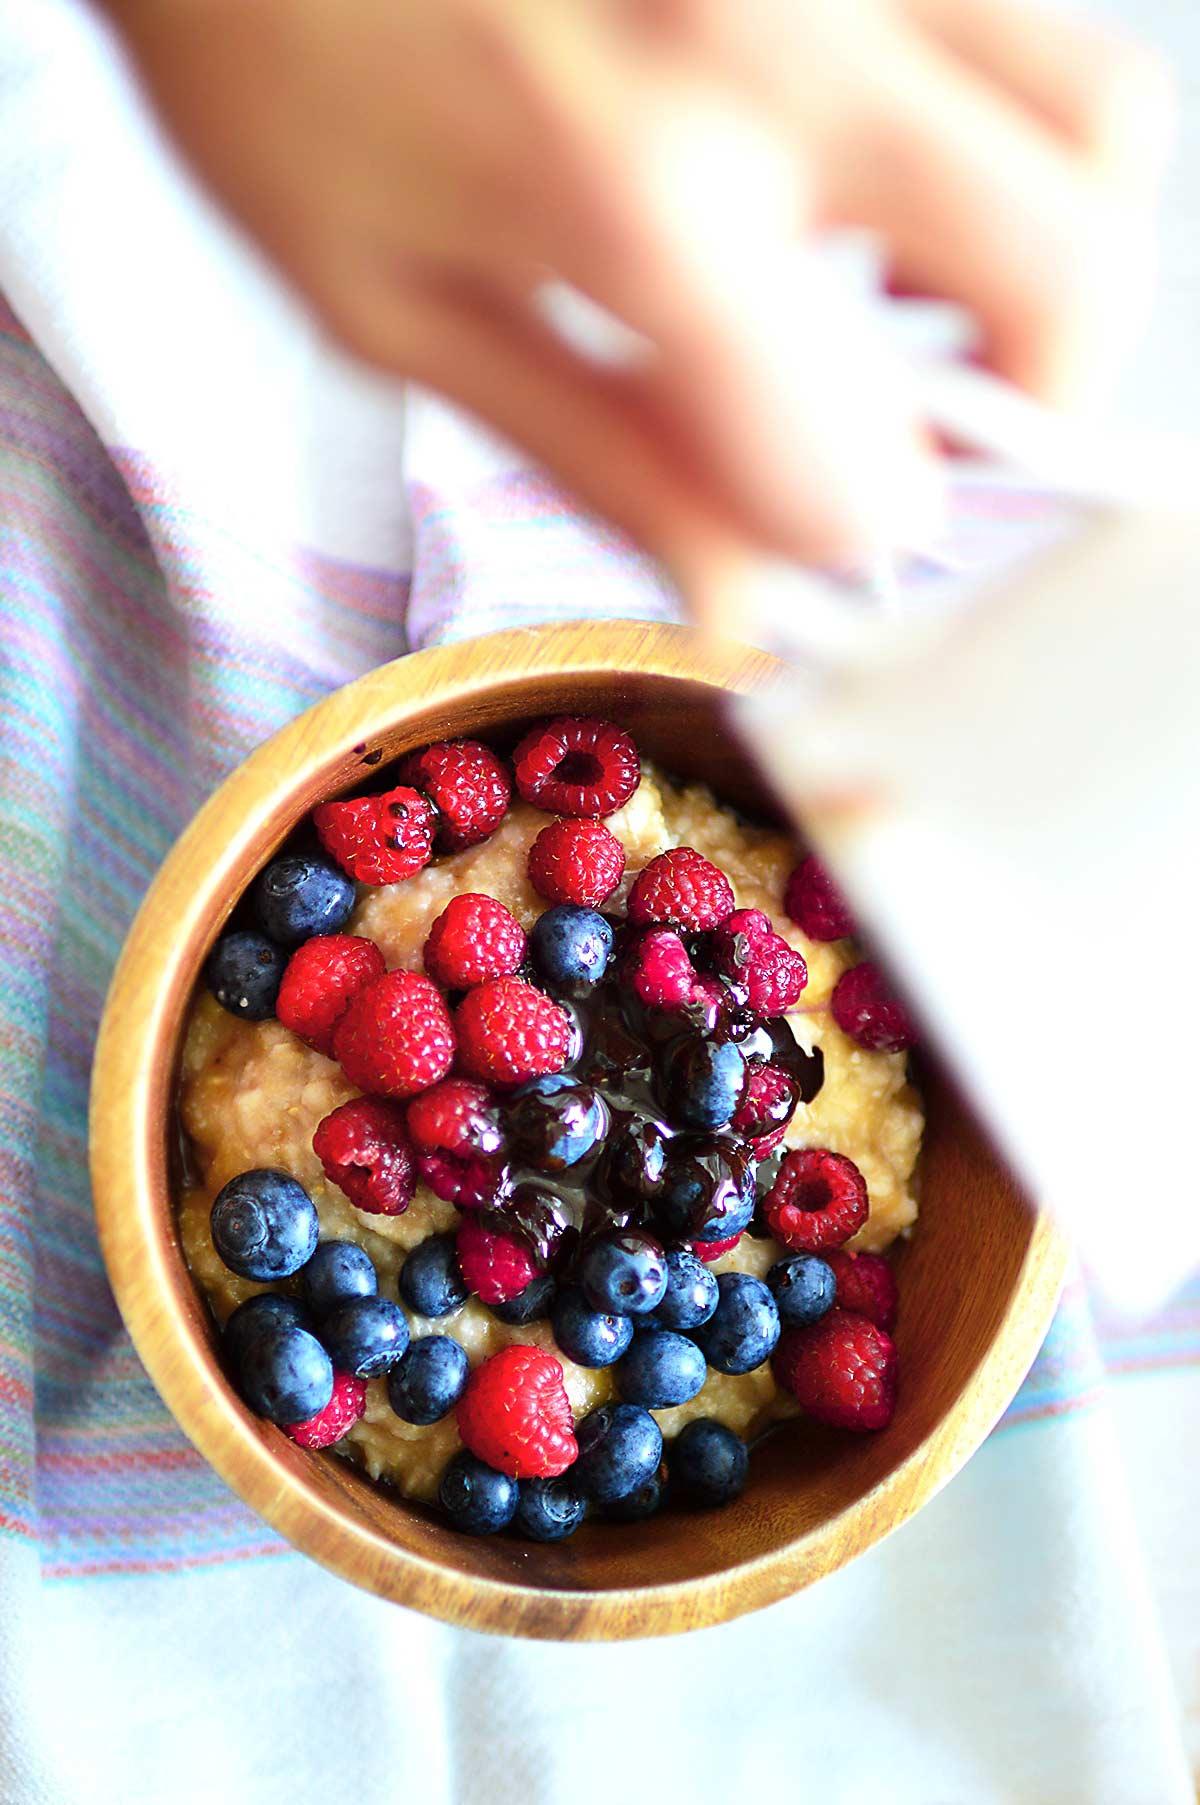 Porrdige with berries